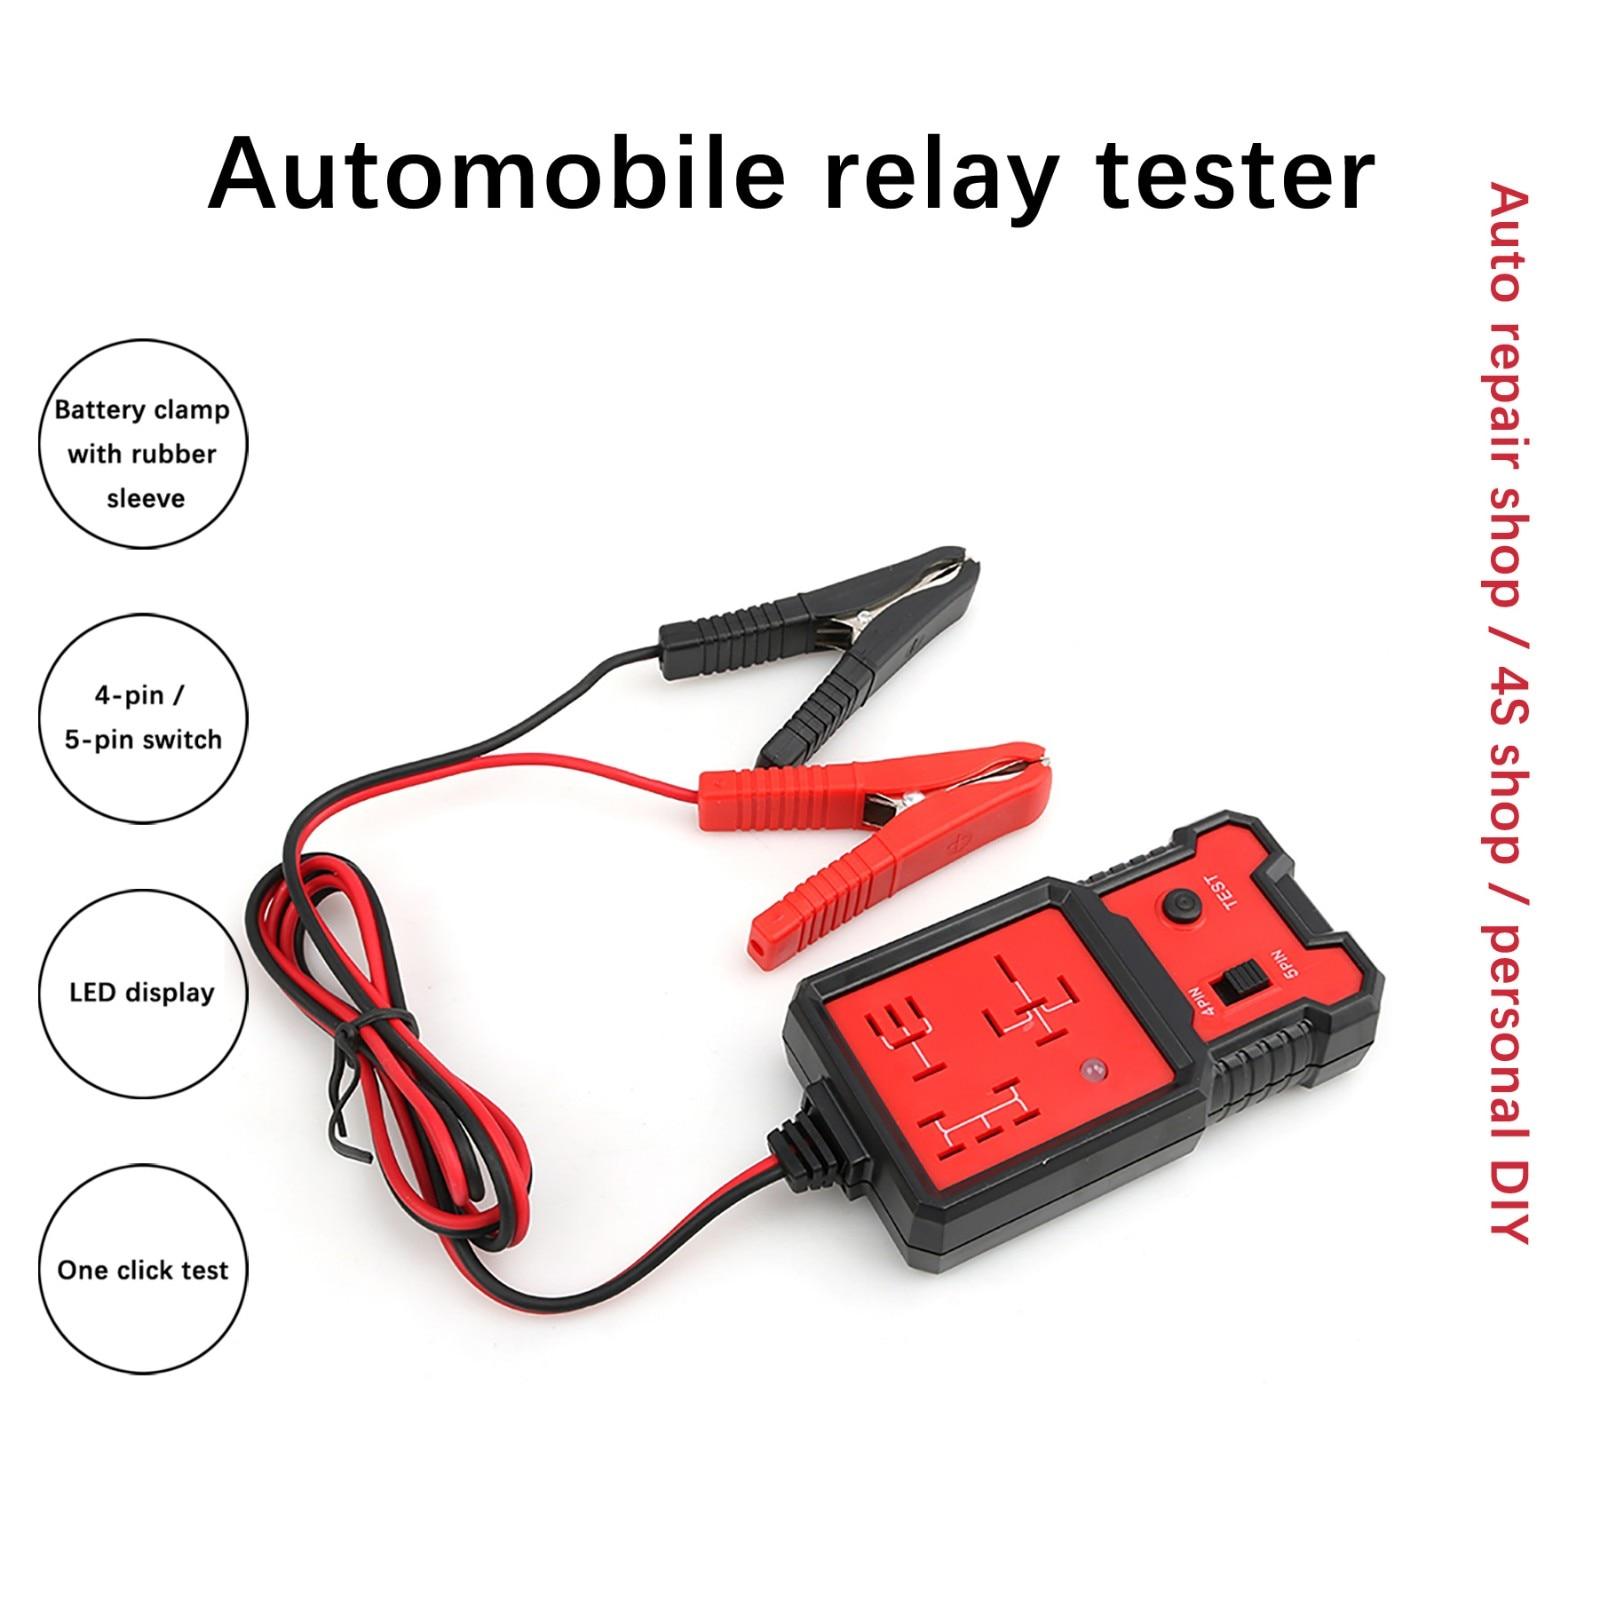 Электронный релейный тестер с зажимами, устройство для проверки автомобильных аккумуляторов, 12 В, с автоматическим кодированием, с индикат...